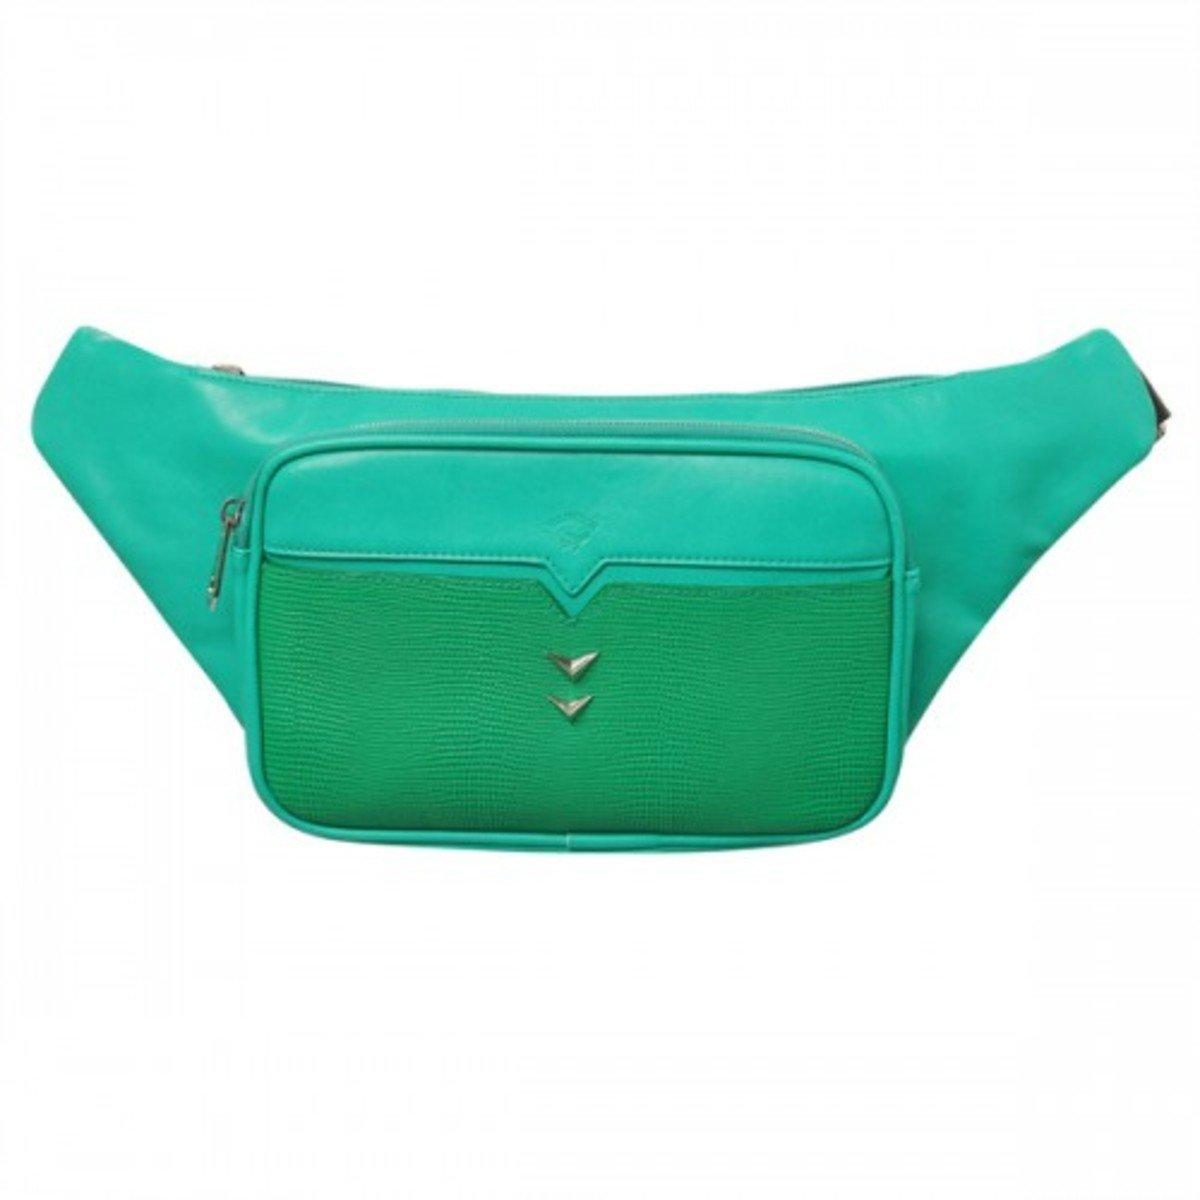 Draco 旅行腰包 (綠)_P00000GD